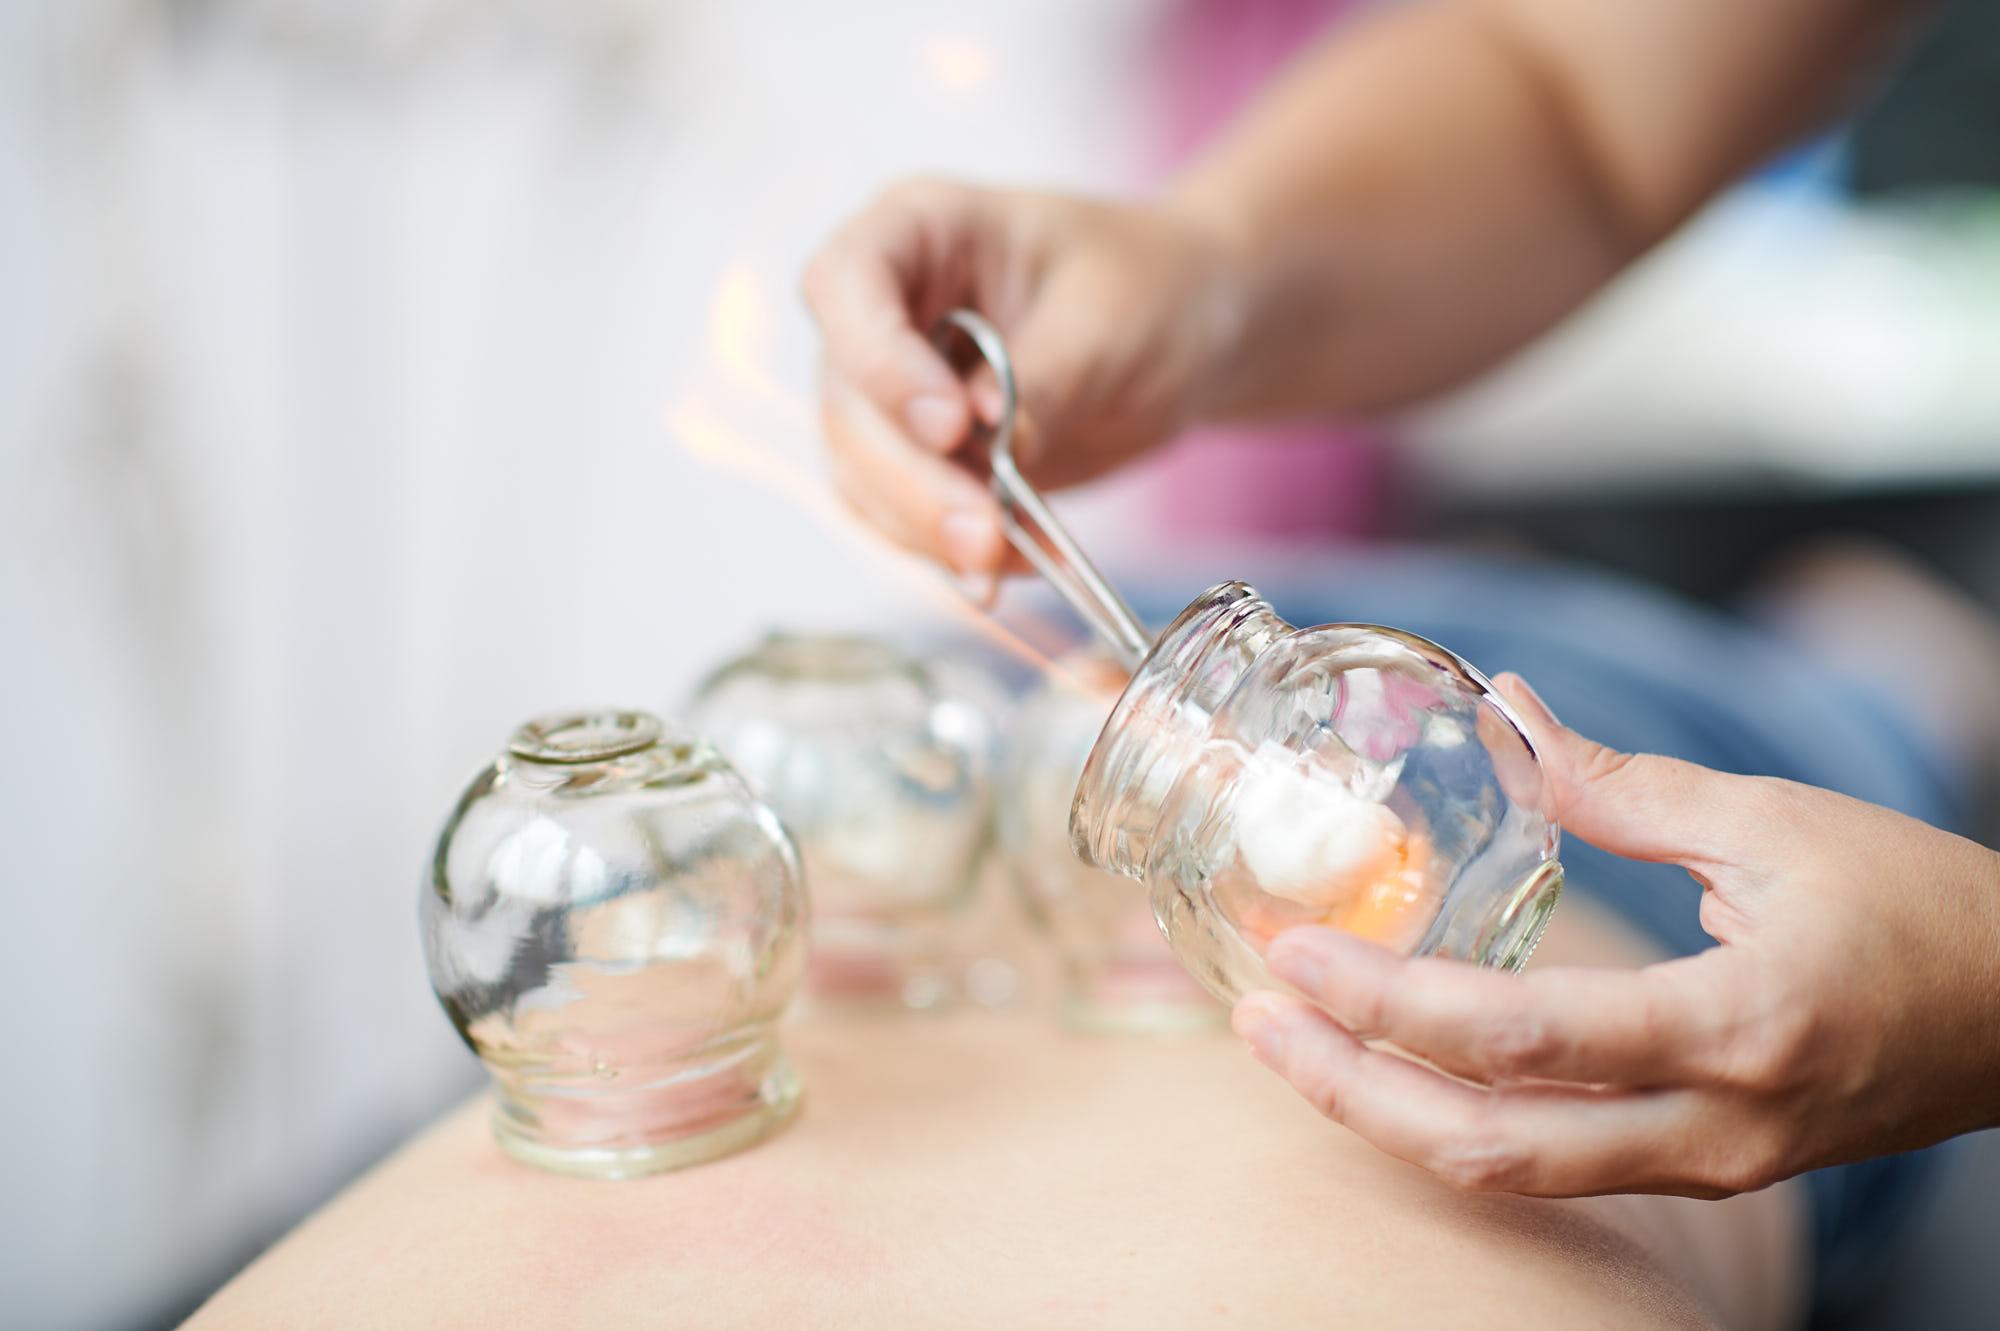 Ergopunkt 13367 - ErgoPunkt - Praxis für Ergotherapie